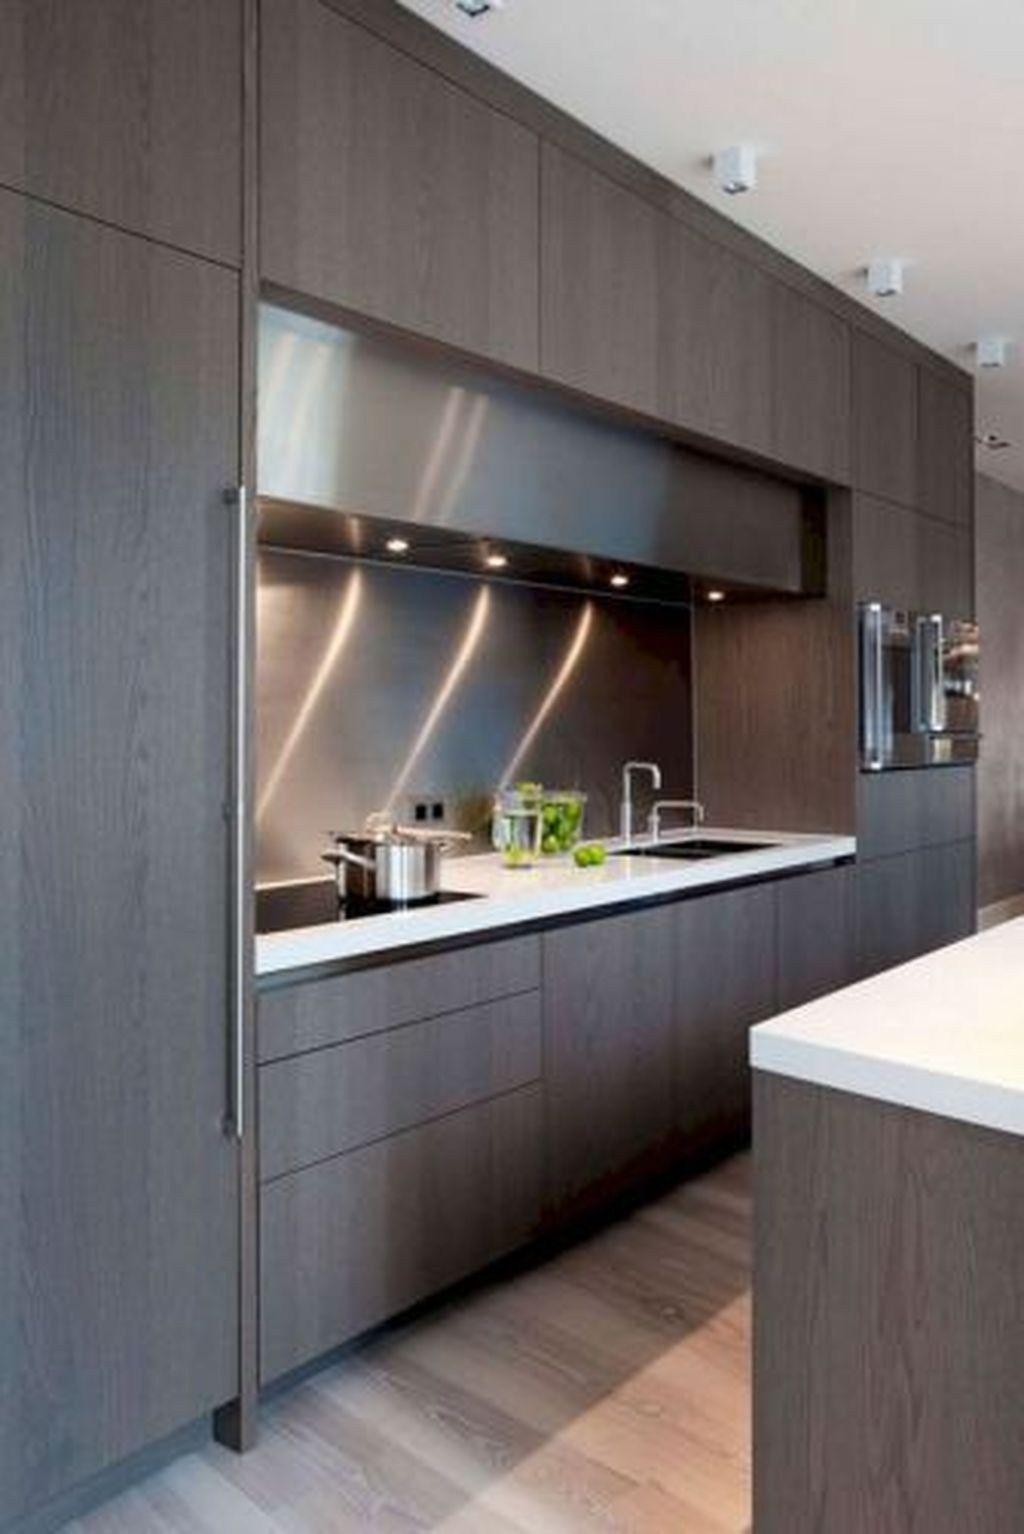 Inspiring Modern Luxury Kitchen Design Ideas37 Modern Kitchen